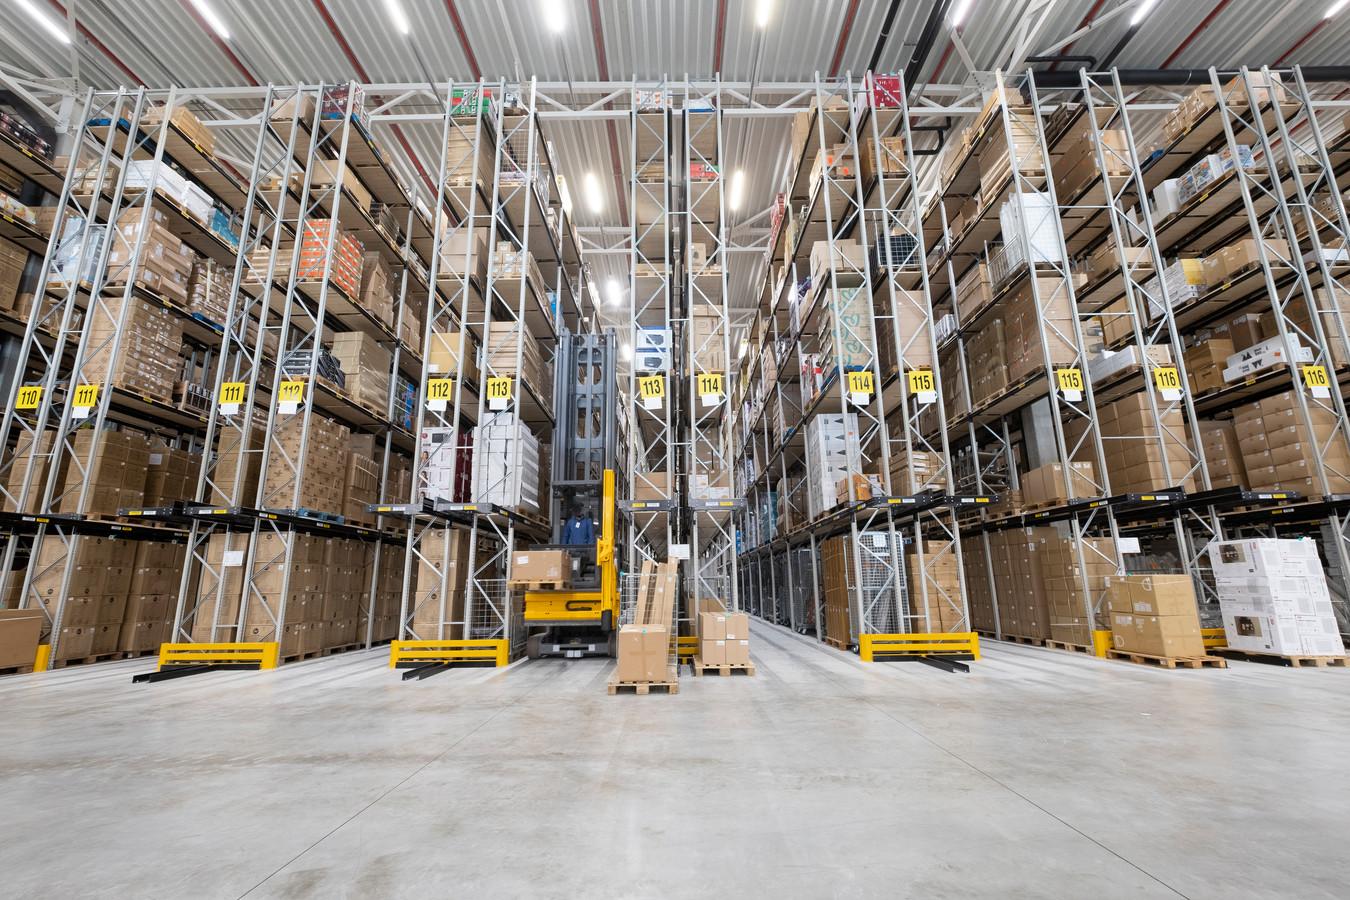 Het distributiecentrum van Wehkamp in Zwolle is volledig geautomatiseerd. Binnen een half uur is een order verzendklaar. Om de volgende dag pakketten te bezorgen moeten pakketdiensten vaak 's nachts alles verwerken.